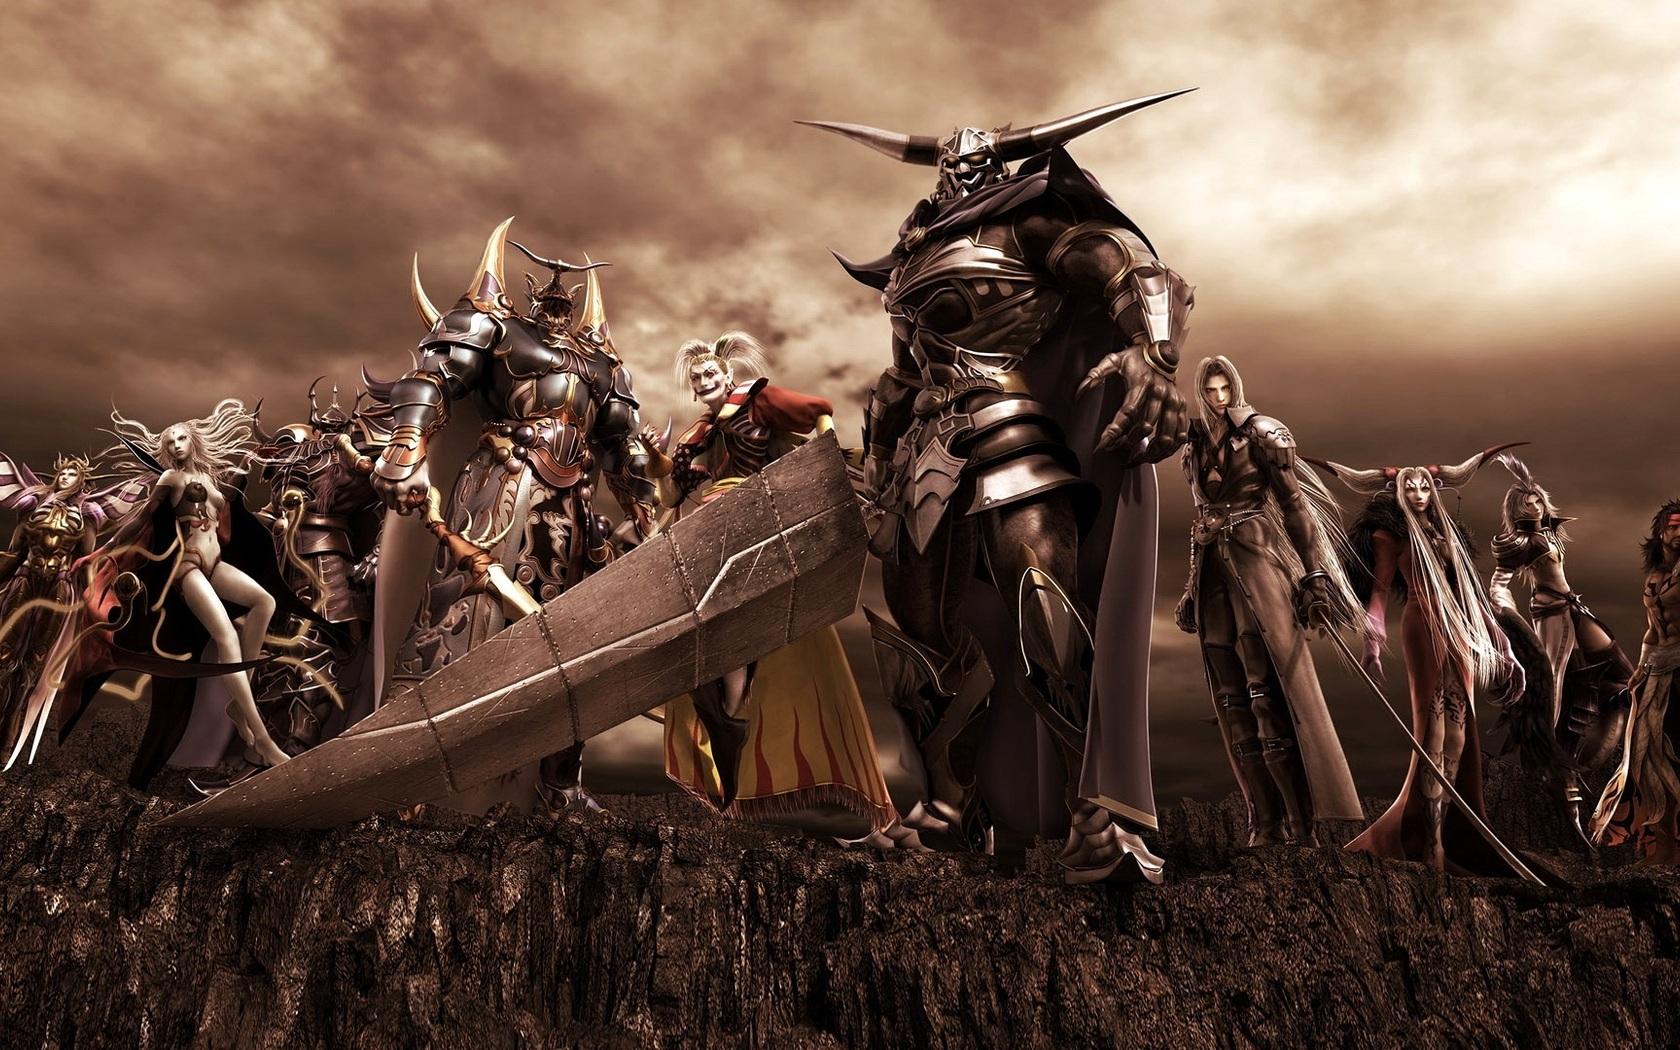 рыцарь с огромным тесаком, скачать рисунок, обои для рабочего стола